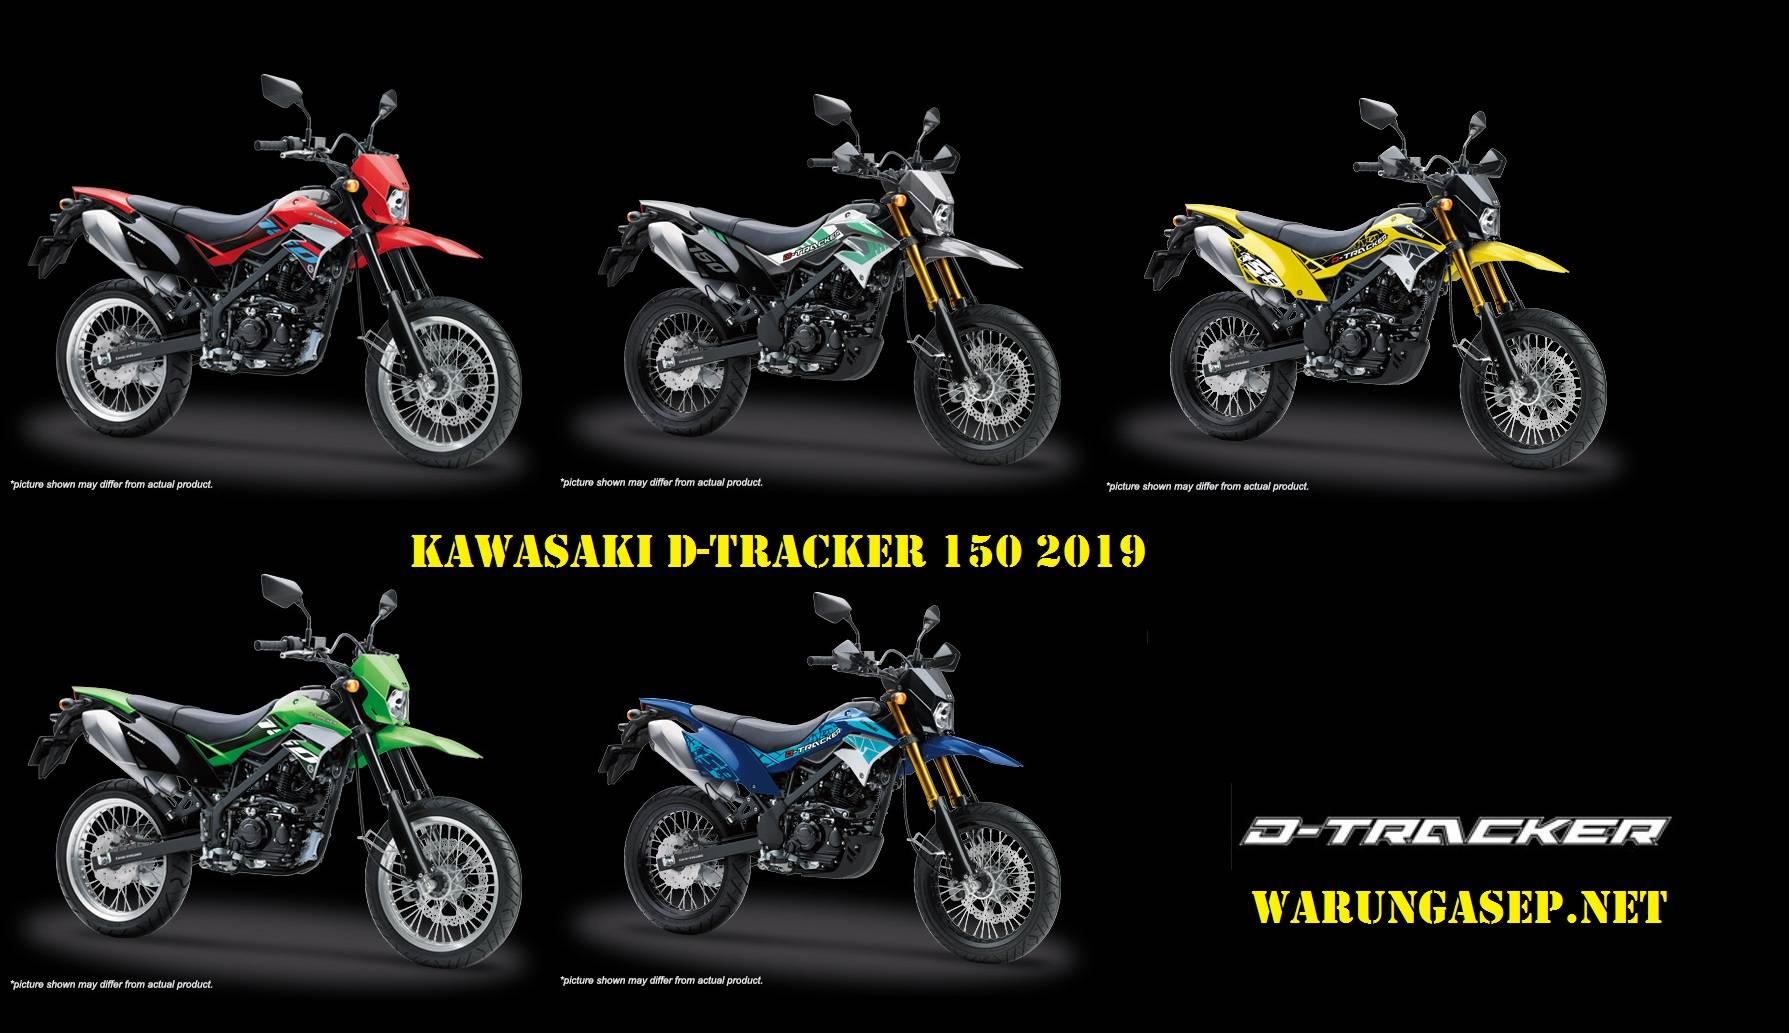 Kawasaki D Tracker 150 2019 Punya 5 Warna Baru Stripingnya Makin